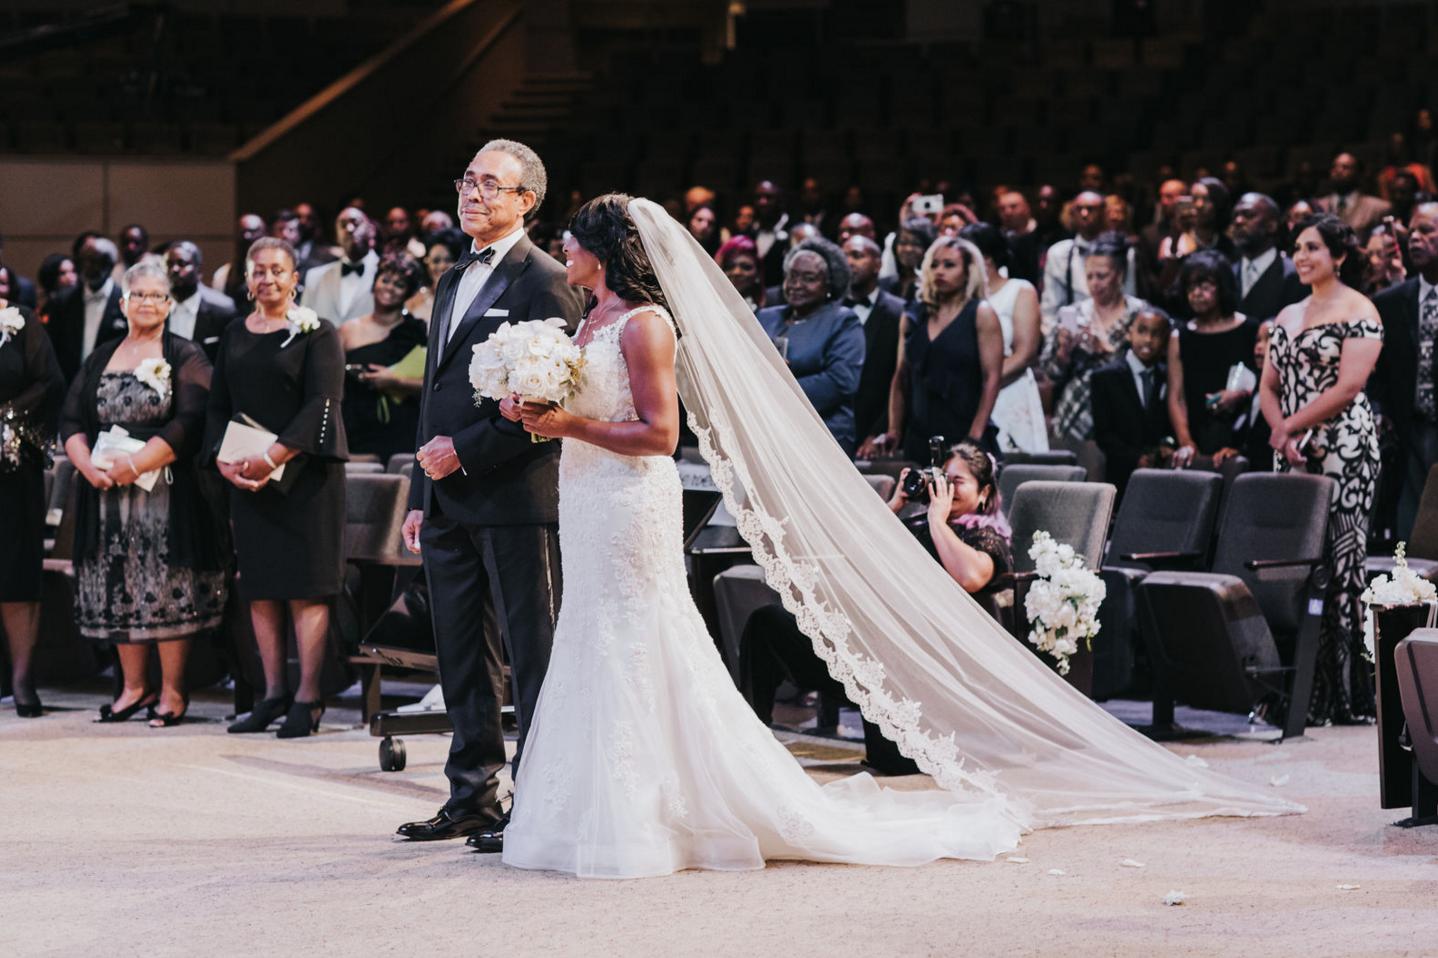 Modern Dallas Wedding Ceremony | Dallas Wedding Planning